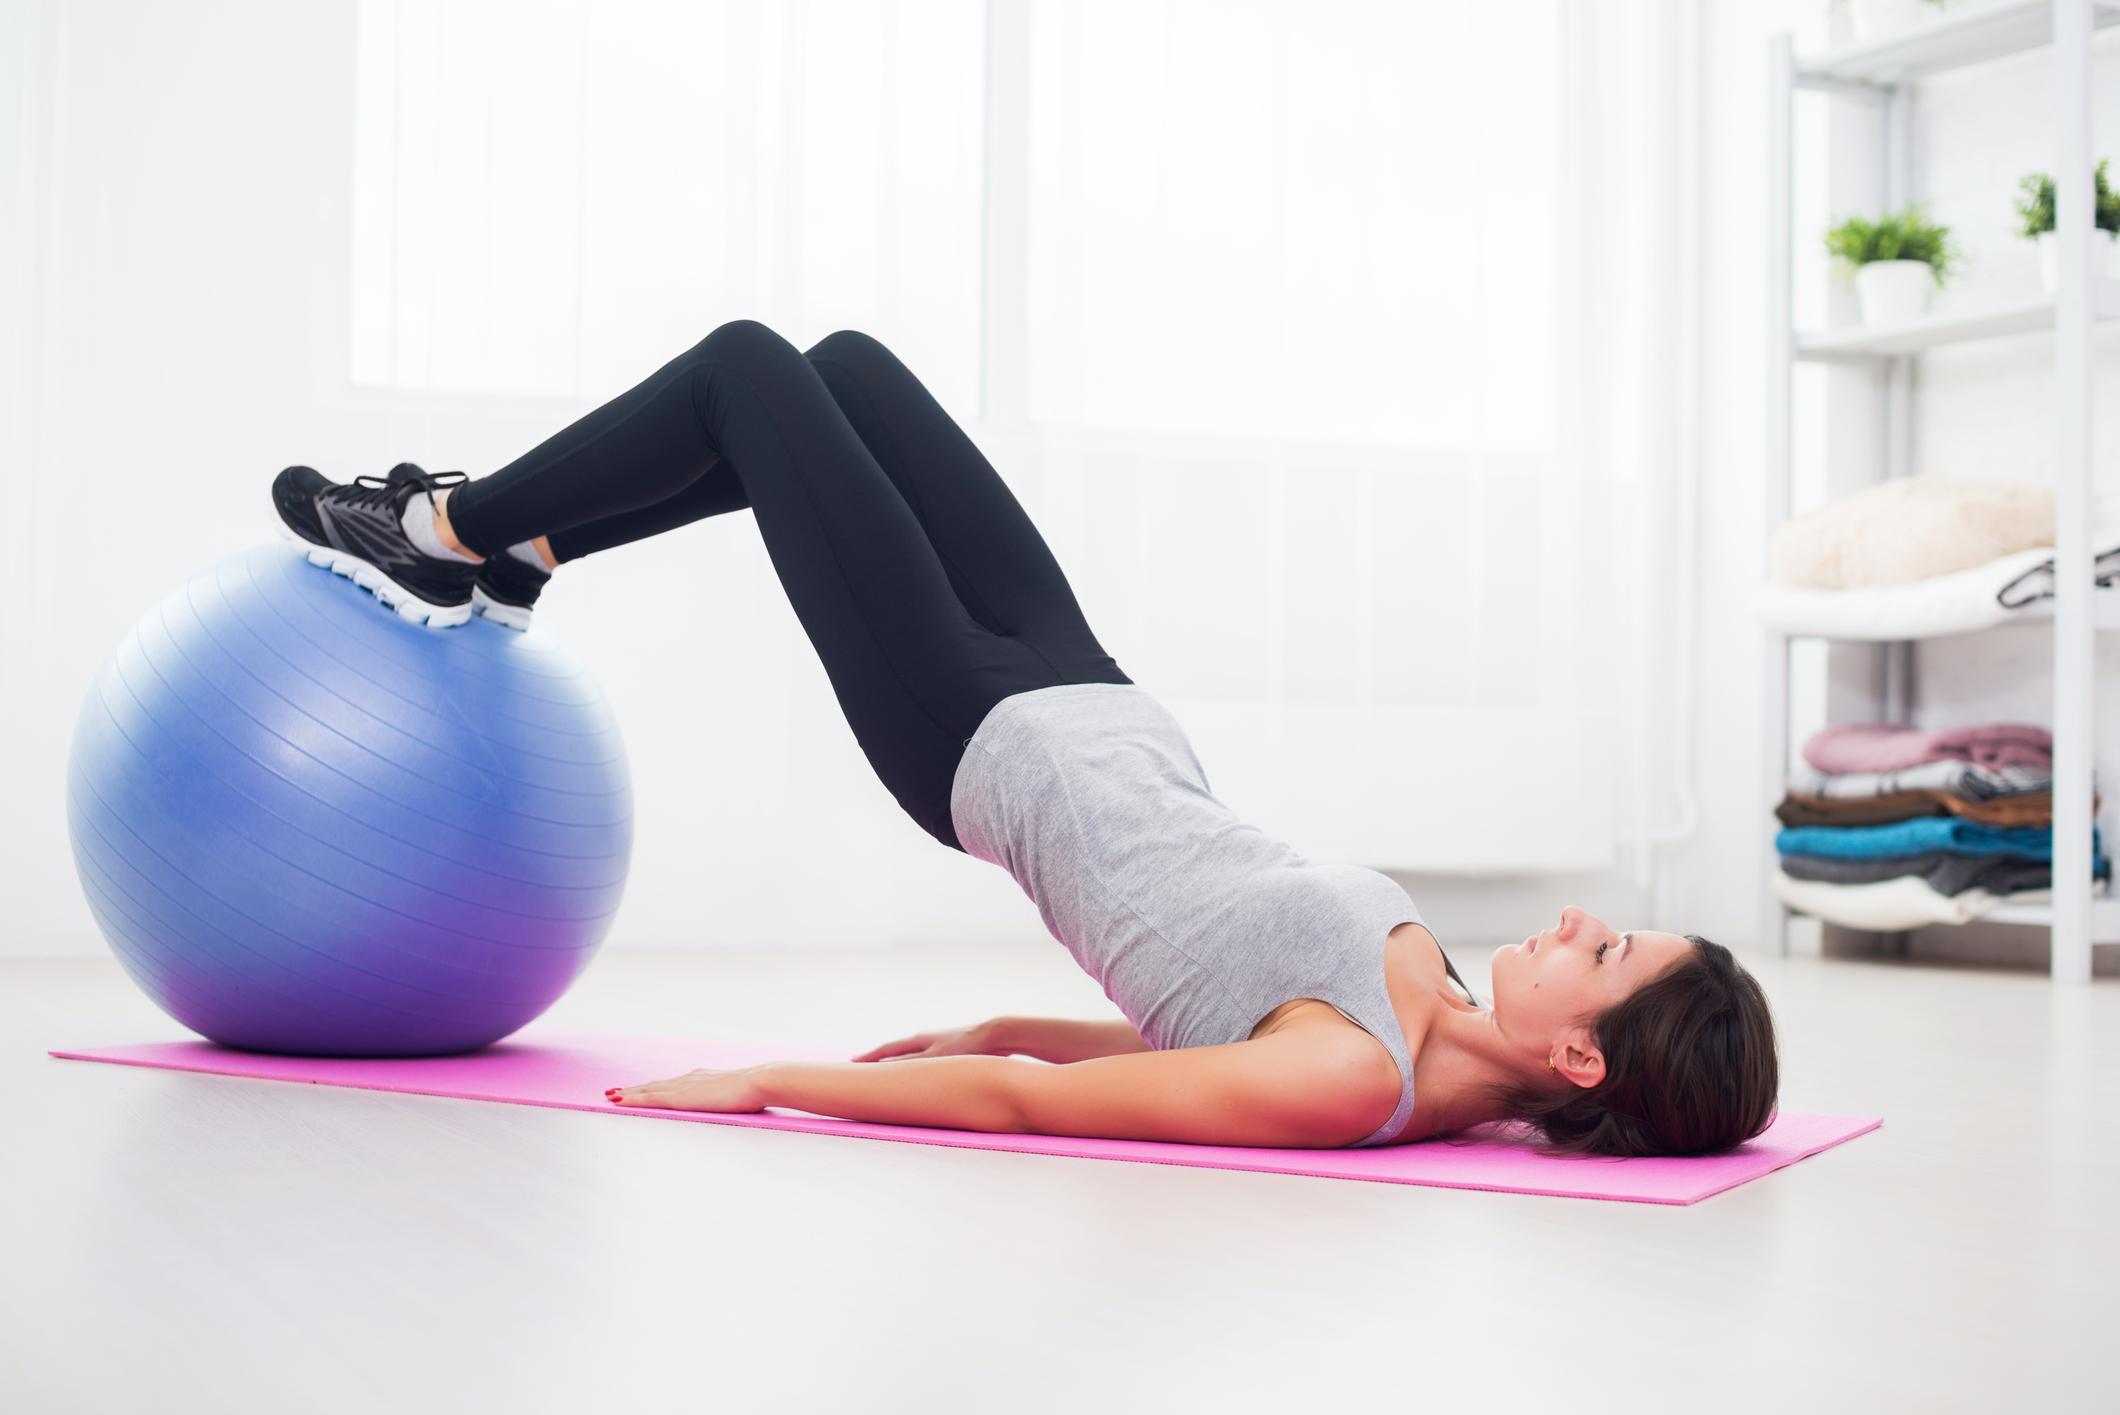 Levantamento de quadril em bola de pilates